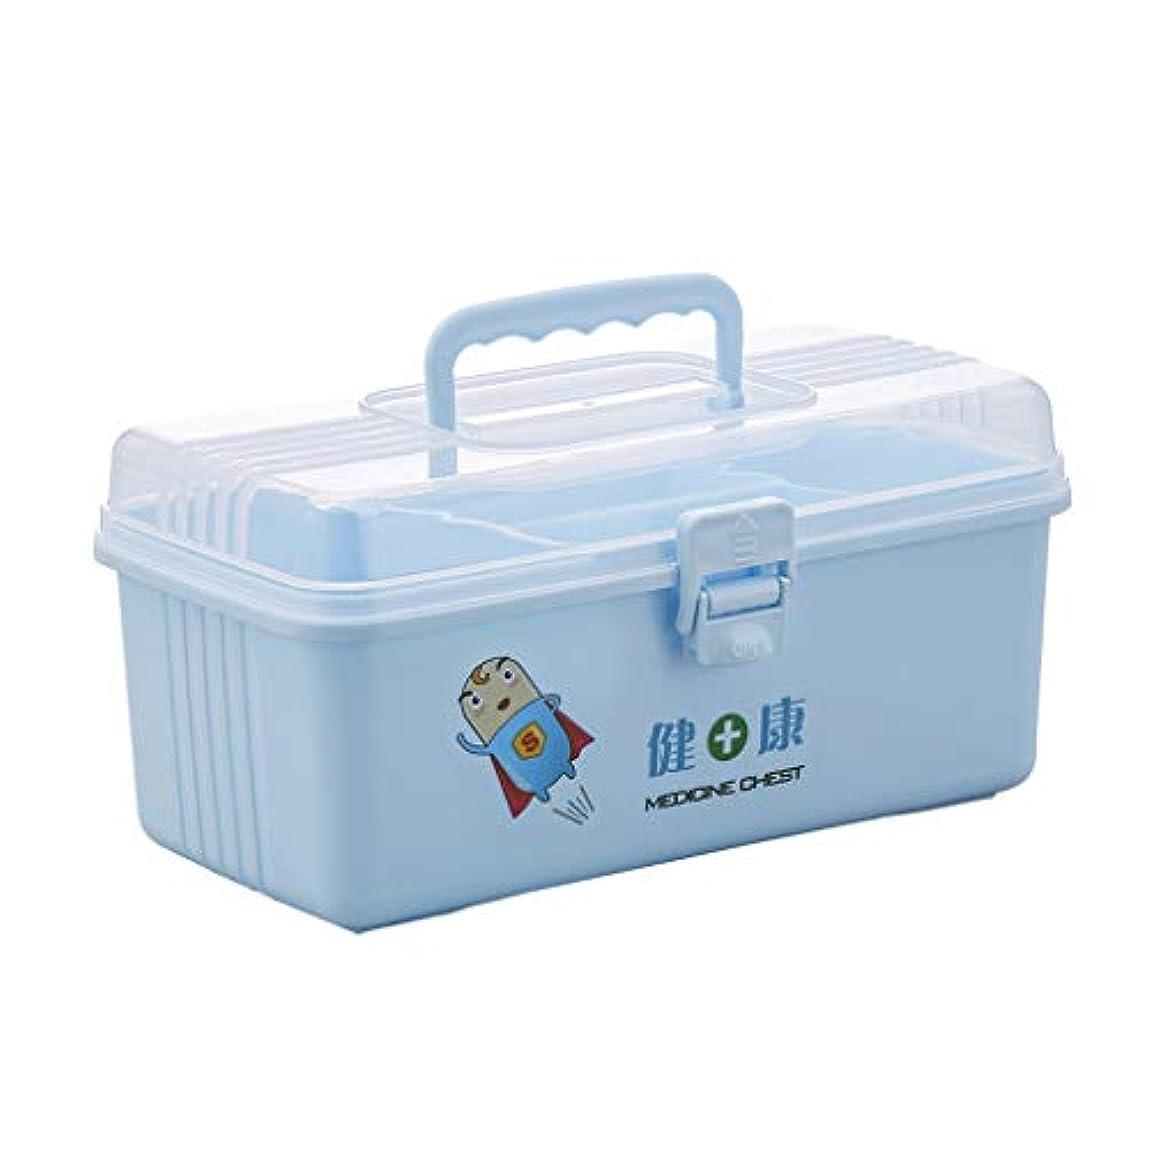 たくさんのがんばり続ける降伏Yxsd 応急処置キット プラスチック医学箱家族の緊急のキット、医学の化粧品のためのハンドルが付いている貯蔵のオルガナイザー箱 (Color : Blue)